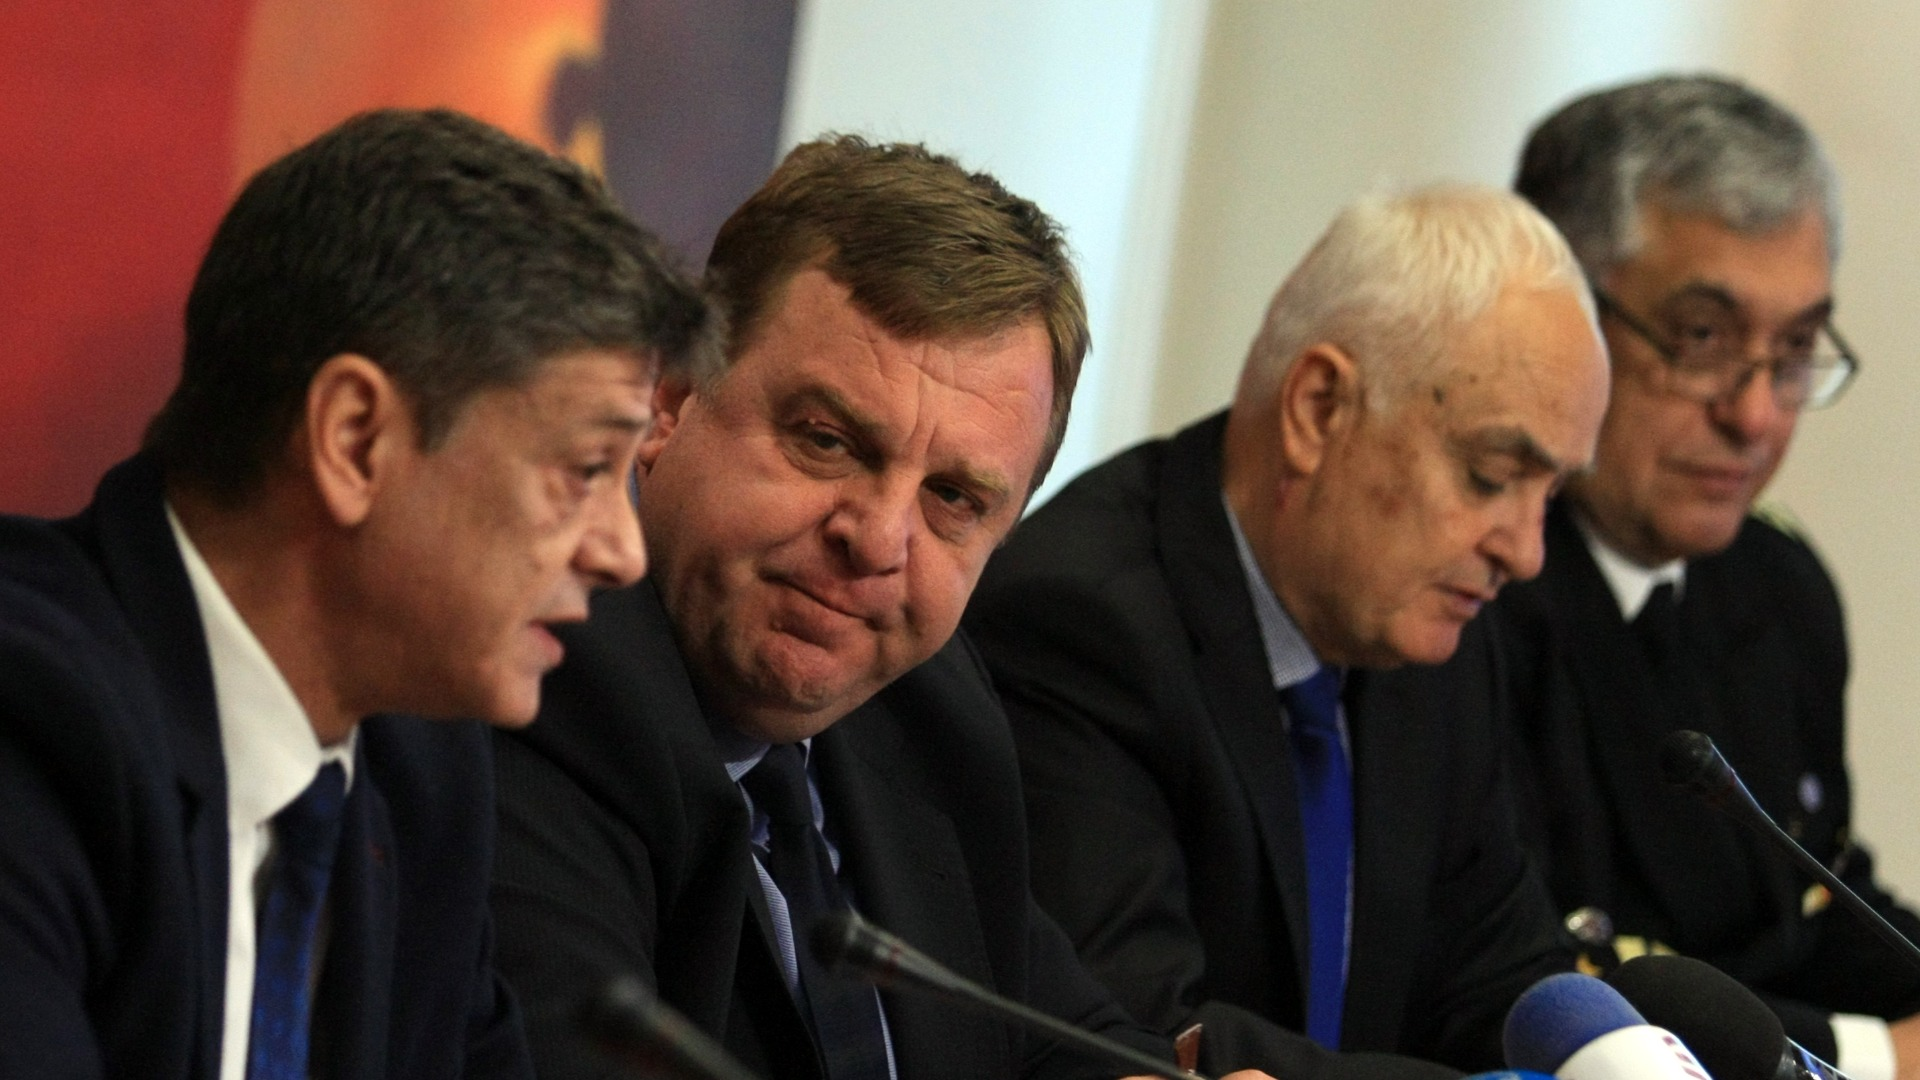 Министърът на отбраната Красимир Каракачанов, заместникът му Атанас Запрянов, председателят на парламентарната комисия по отбрана Константин Попов, началникът на ВВУ